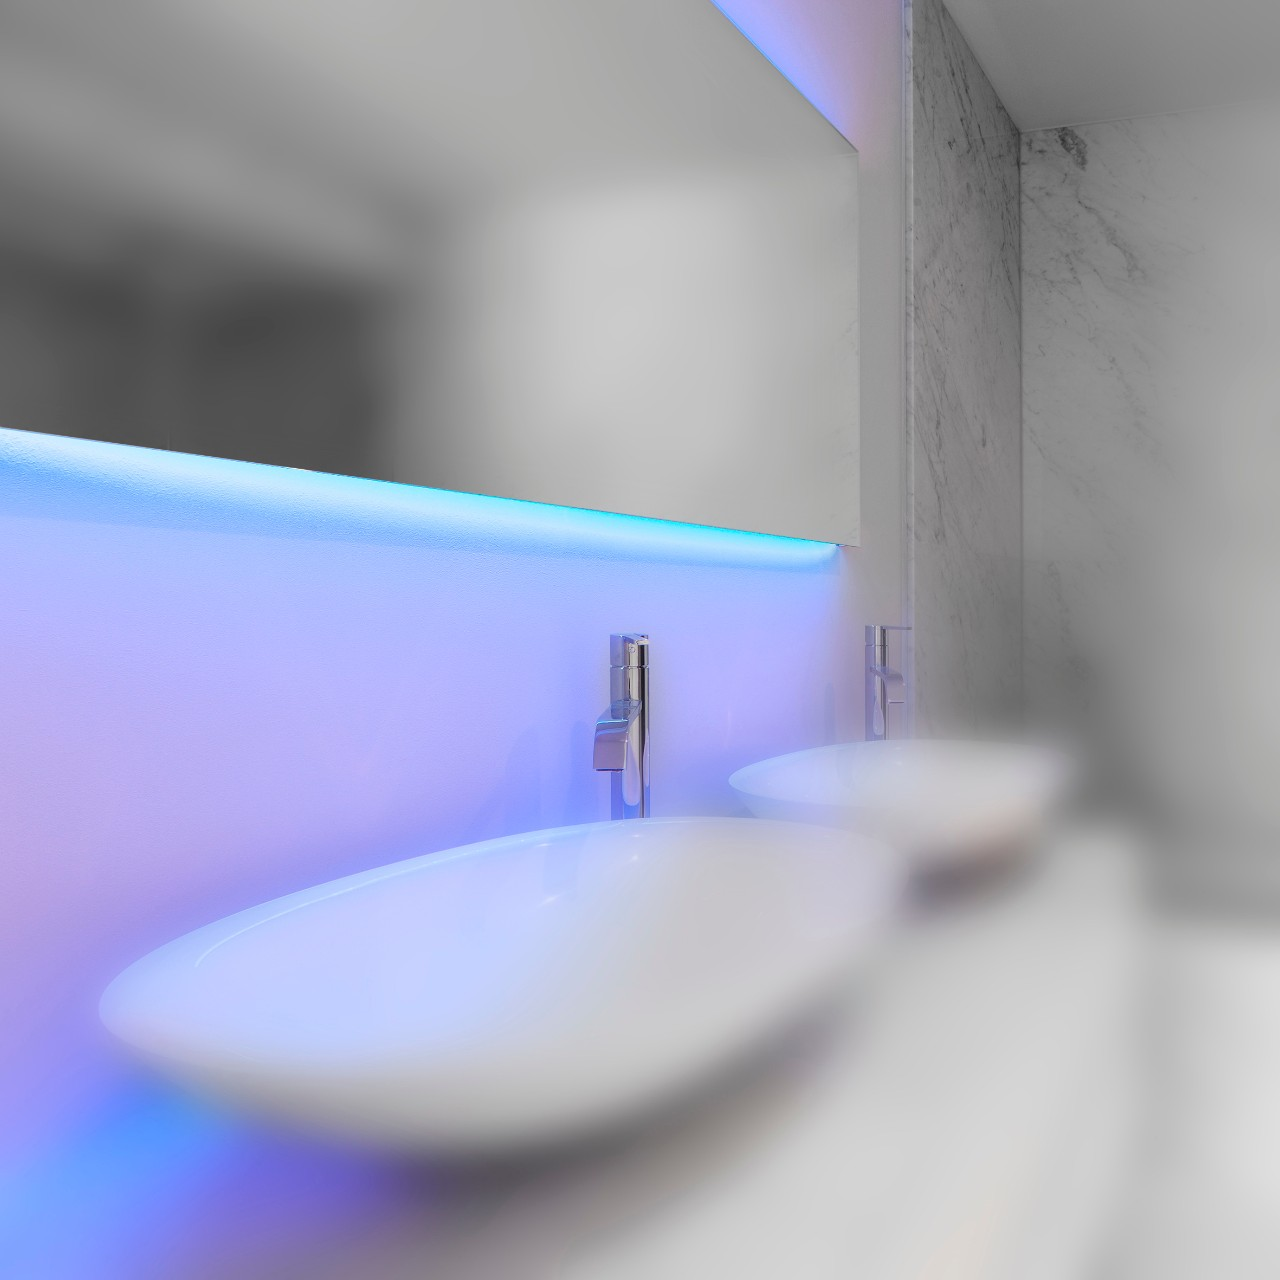 Lampen glas idee - Een badkamer deco ...